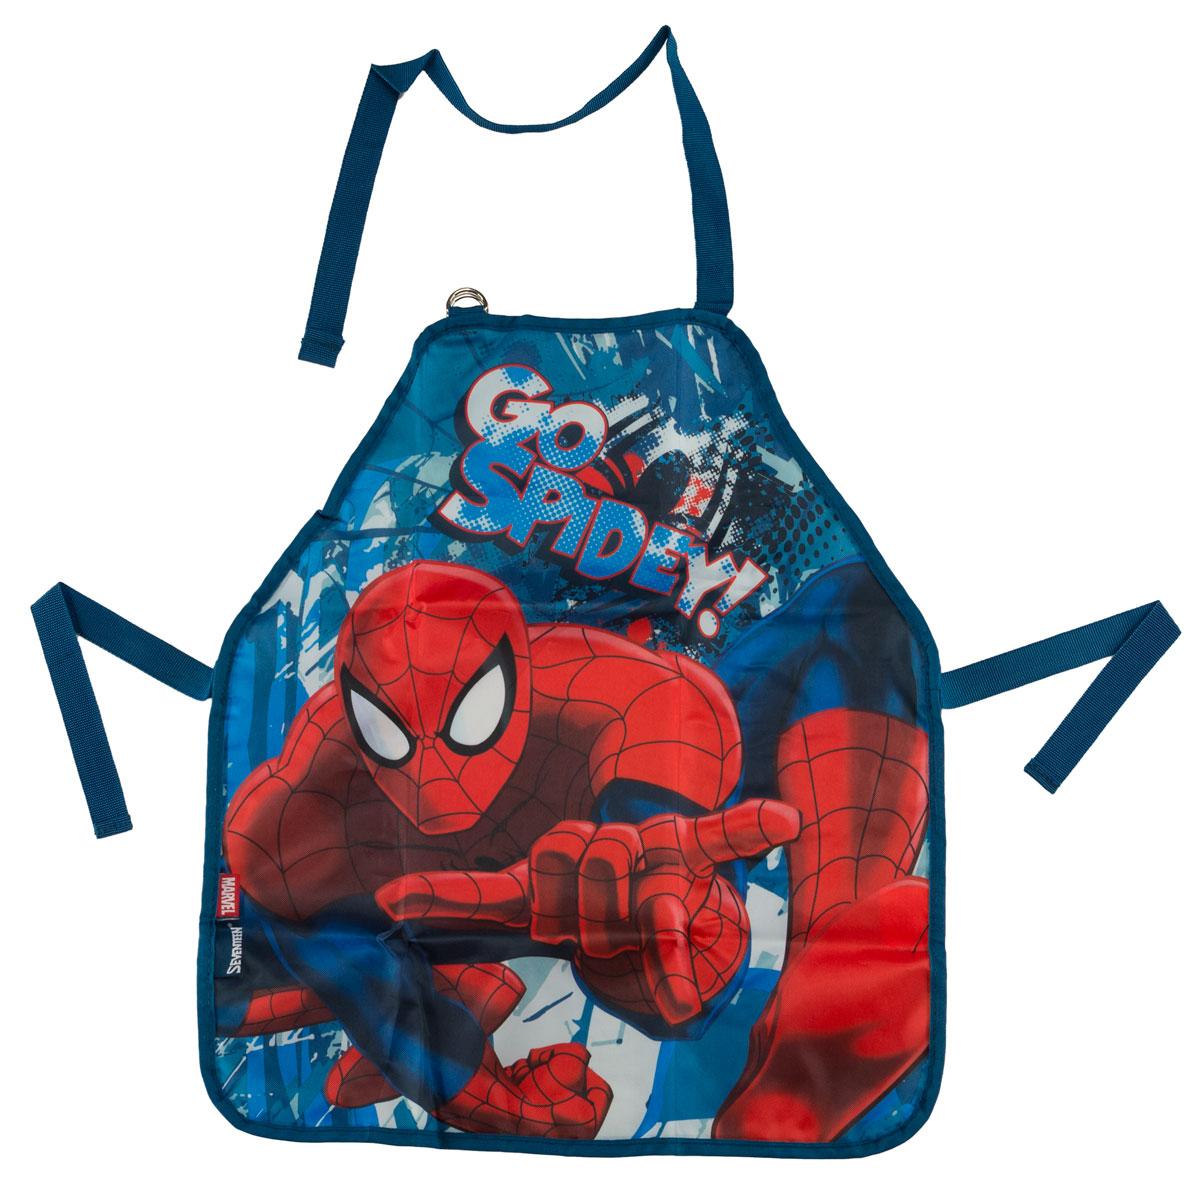 Фартук для детского творчества Spider-Man Classic, цвет: синий. SMCB-MT1-029M72523WDФартук для детского творчества Spider-Man Classic поможет малышу не испачкаться во время домашних хлопот, на уроках труда или изобразительного искусства. Благодаря удобному покрою фартука, ребенок может его самостоятельно надевать и снимать. Лямка на шее регулируется по длине с помощью пряжки. Завязки позволяют зафиксировать фартук на талии. Изделие изготовлено из водонепроницаемого материала, легко стирается, поэтому изделие будет служить очень долго.